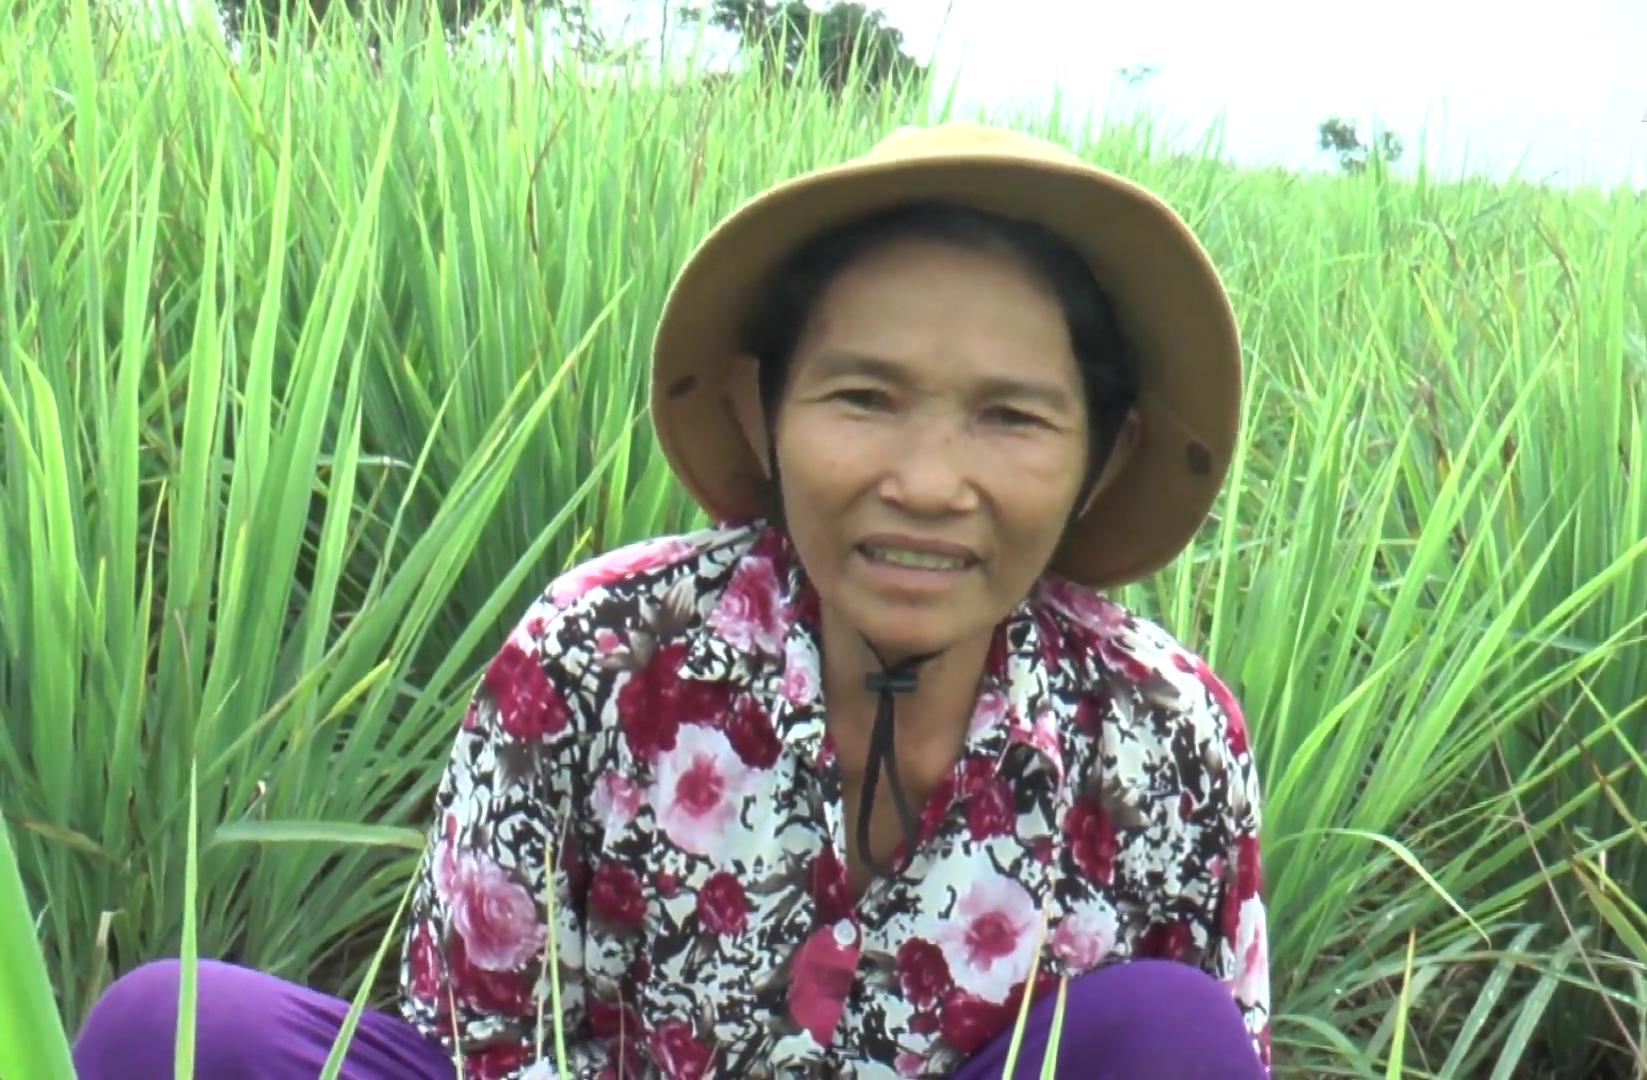 """Tiền Giang: Nhờ trồng cây gia vị này, nông dân huyện đảo nghèo nhất """"thủ phủ trái cây"""" sống phây phây - Ảnh 2."""